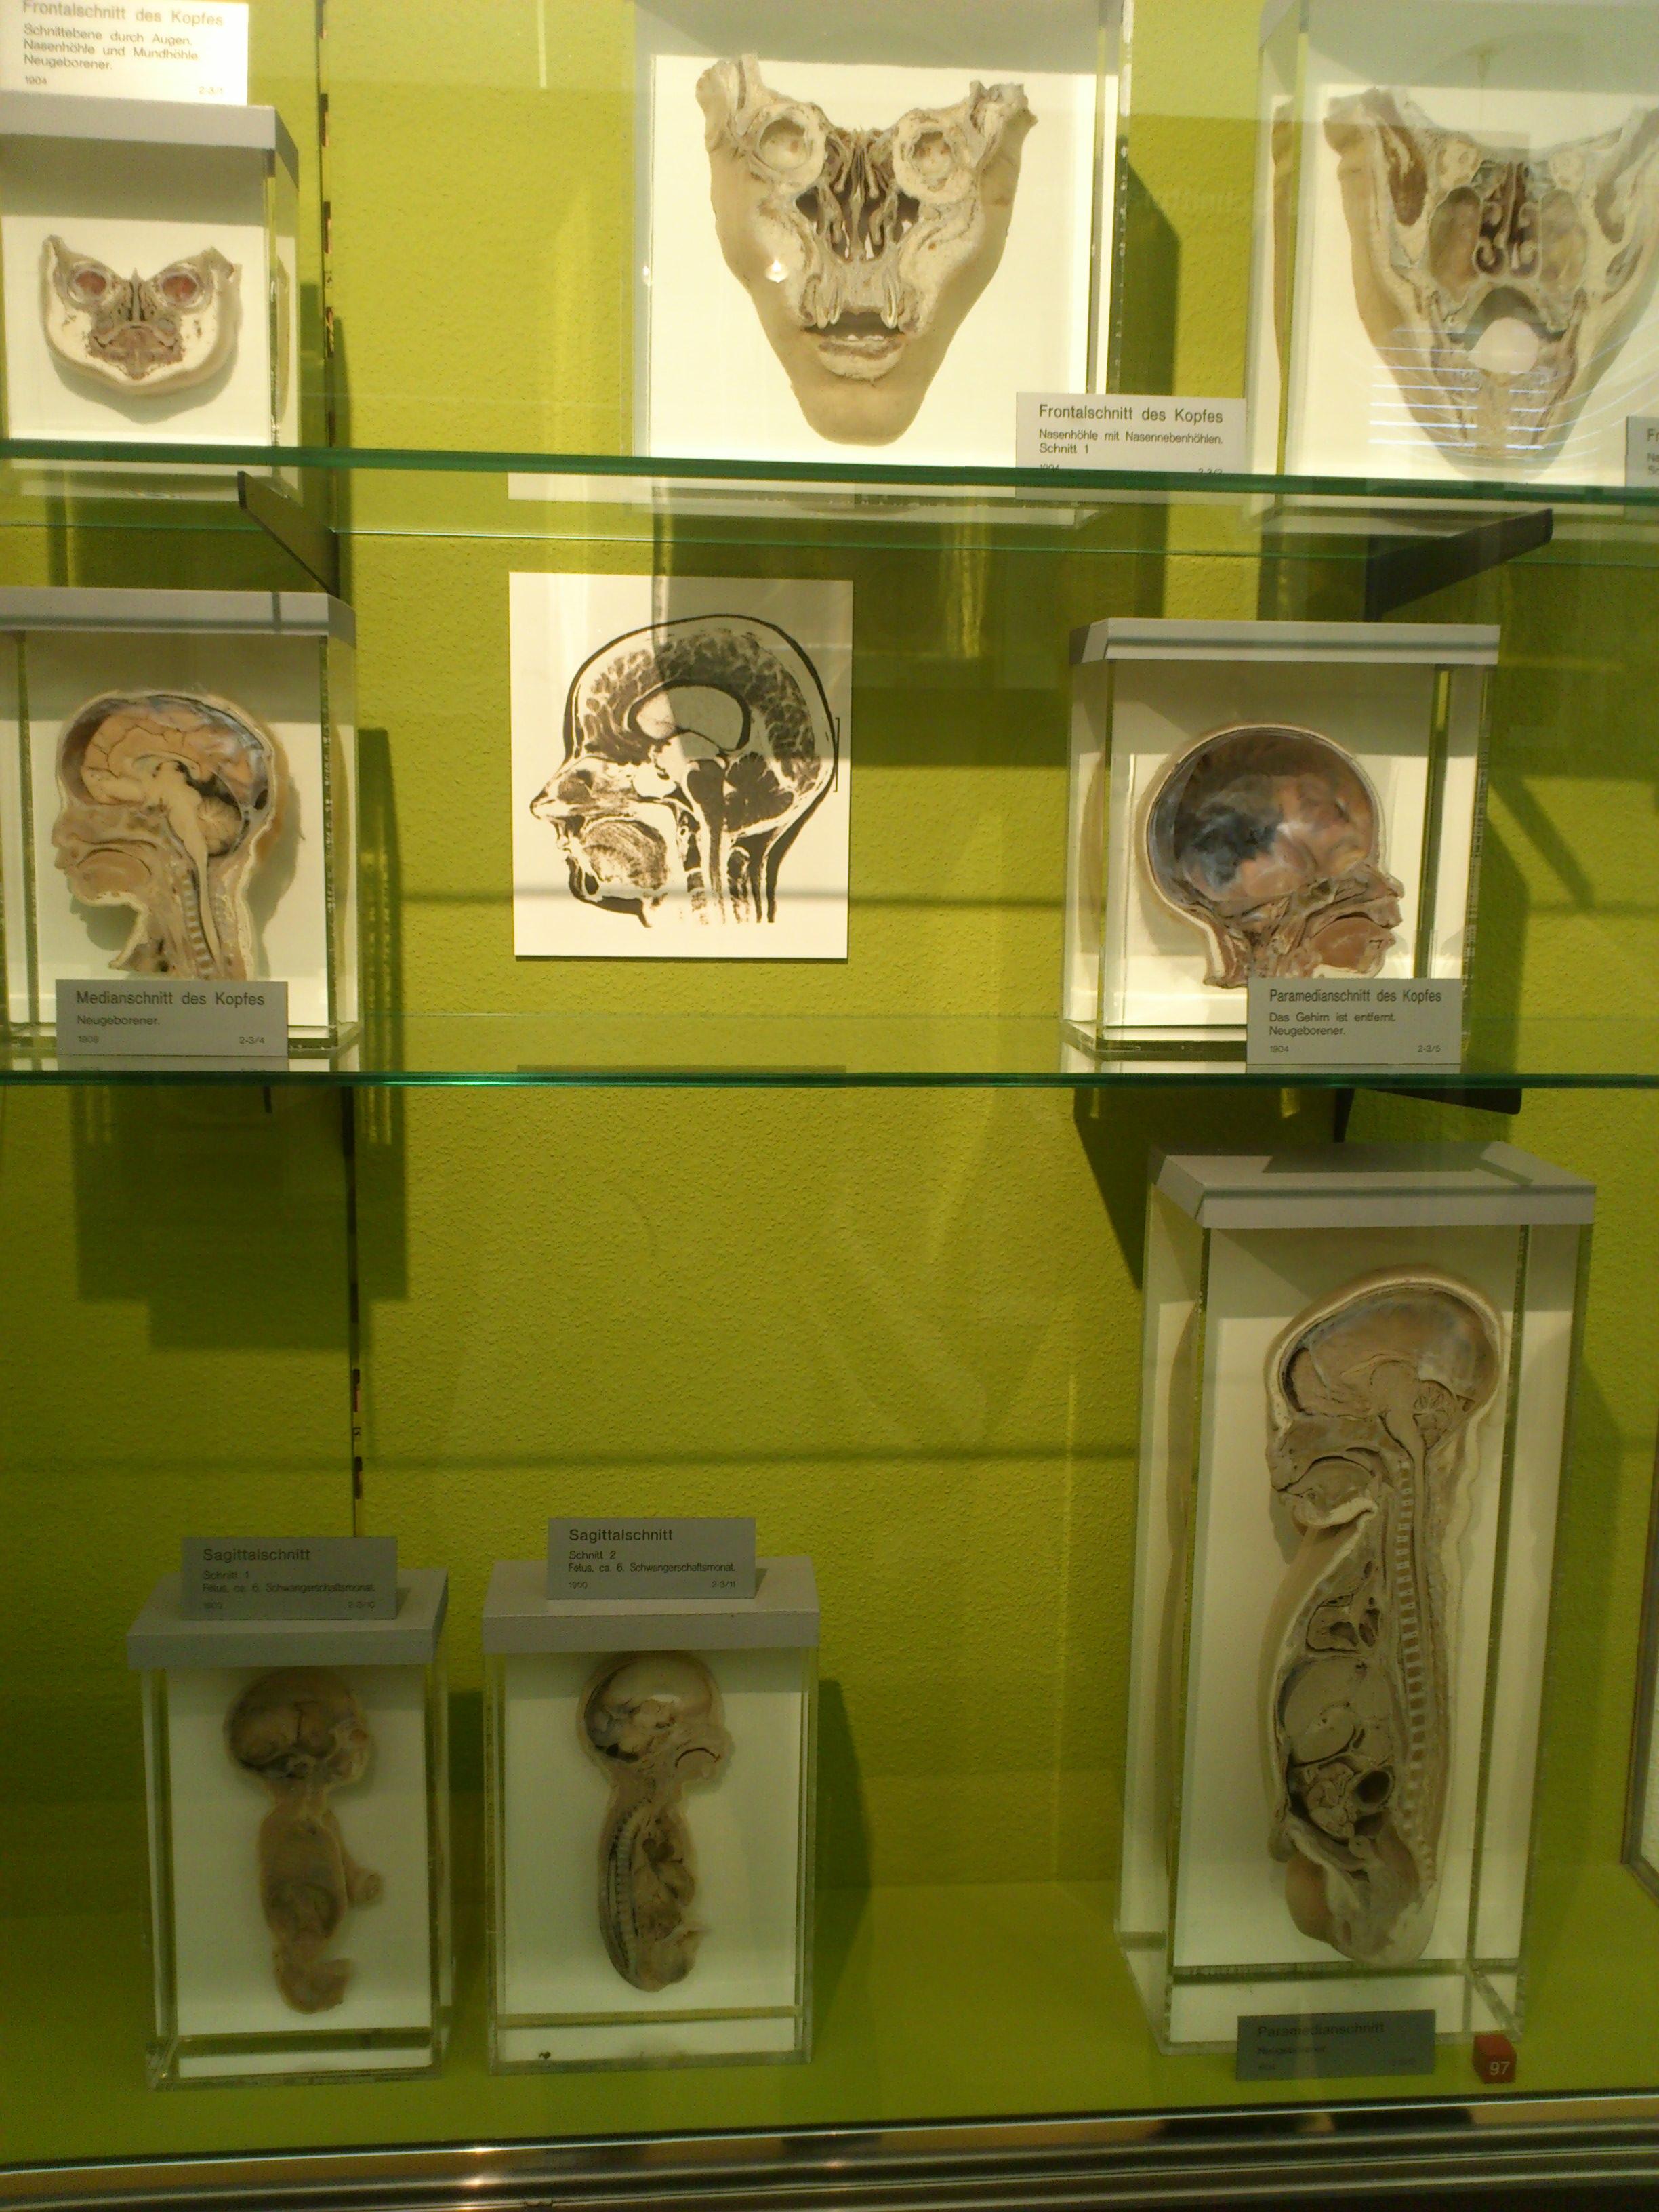 Musée de l'anatomie - Bâle - Suisse